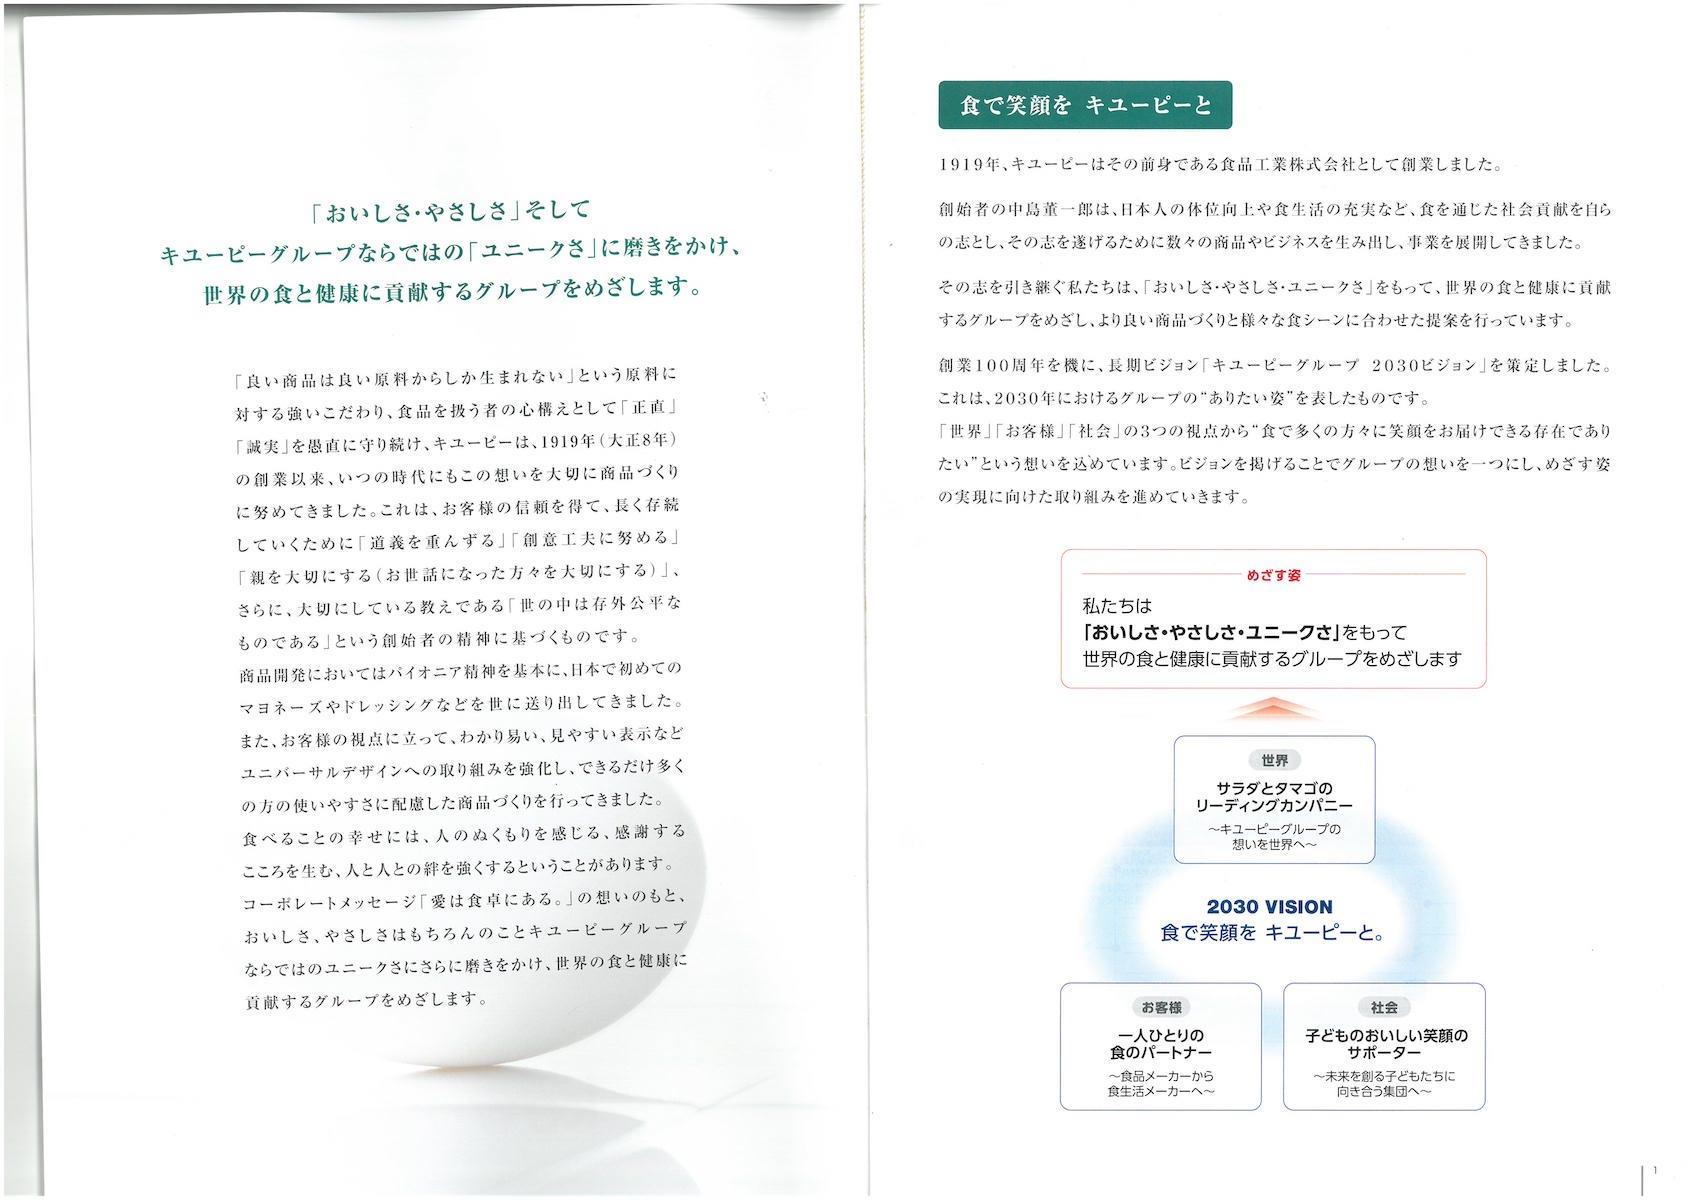 キューピー業務用総合カタログ2021 kewpie